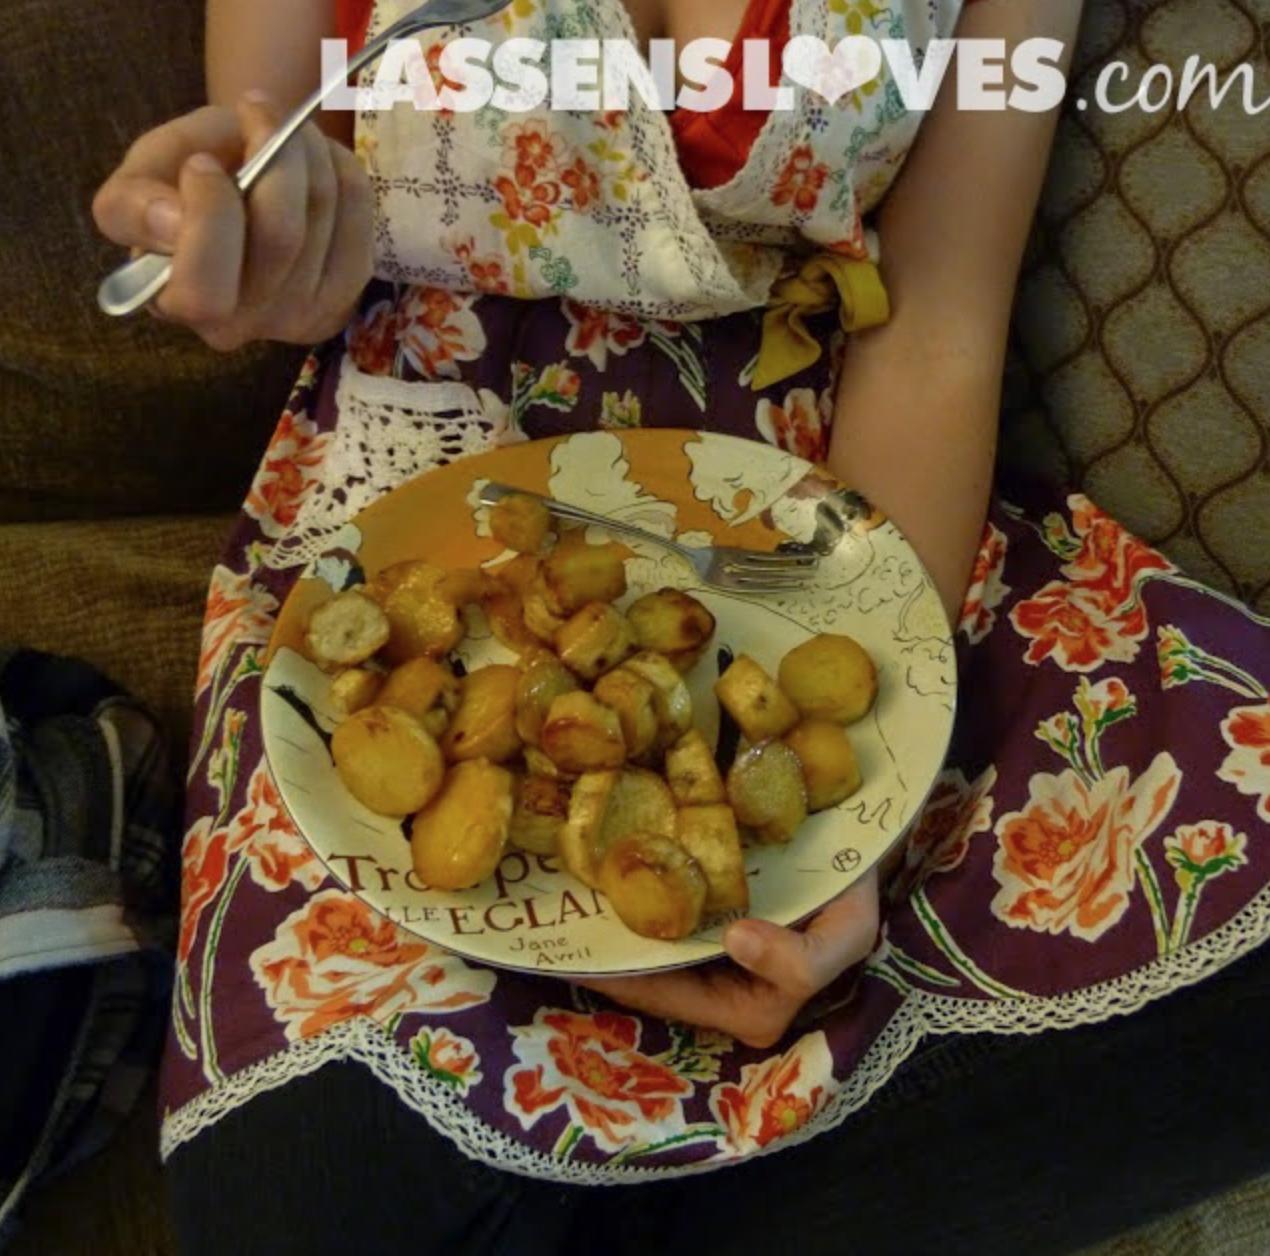 sweet+potato+recipes, maple+sweet+potato+bites, yam+recipes, healthy+recipes